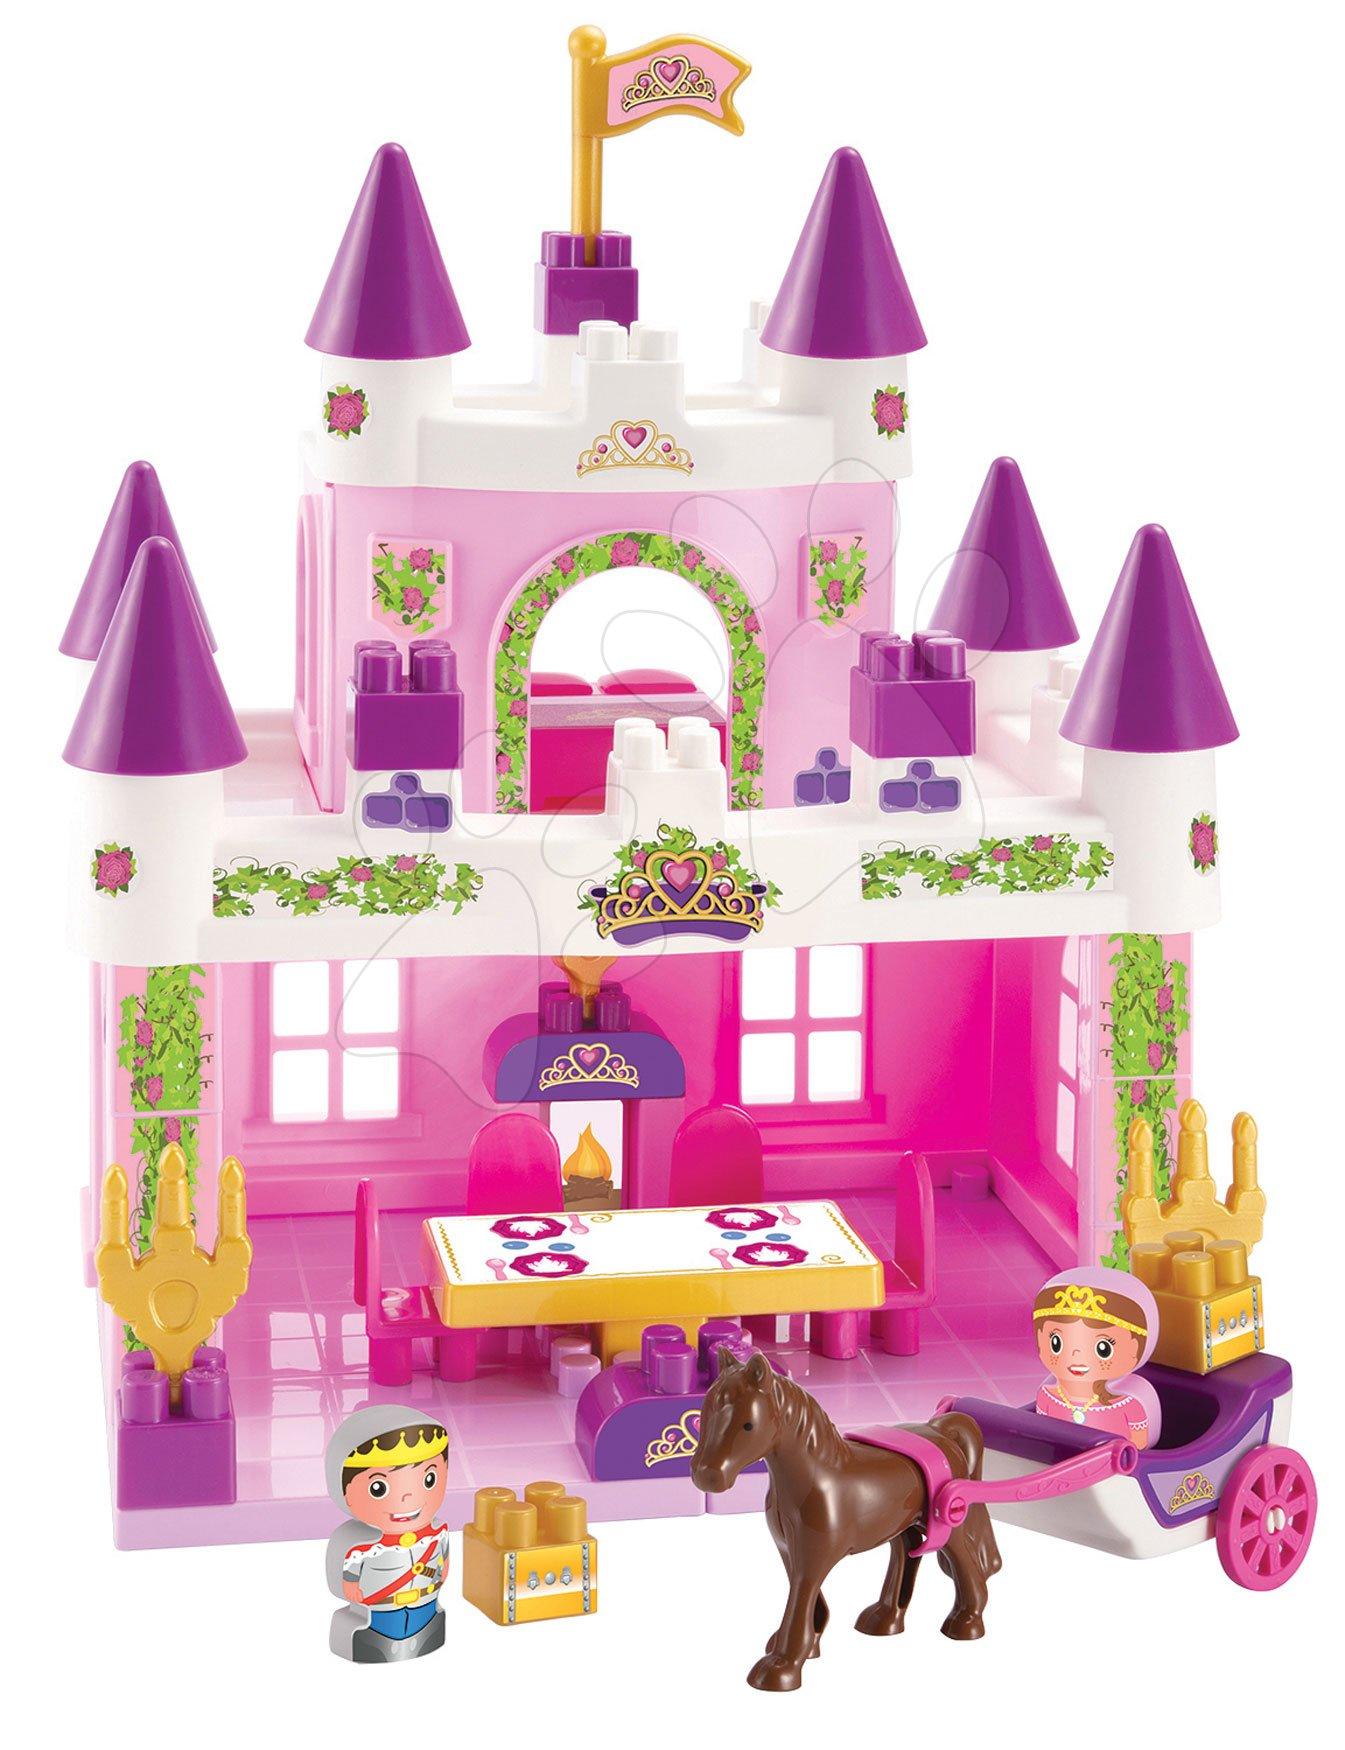 Stavebnice zámek s princeznou Abrick Écoiffier a princ s kočárem a nábytkem od 18 měsíců